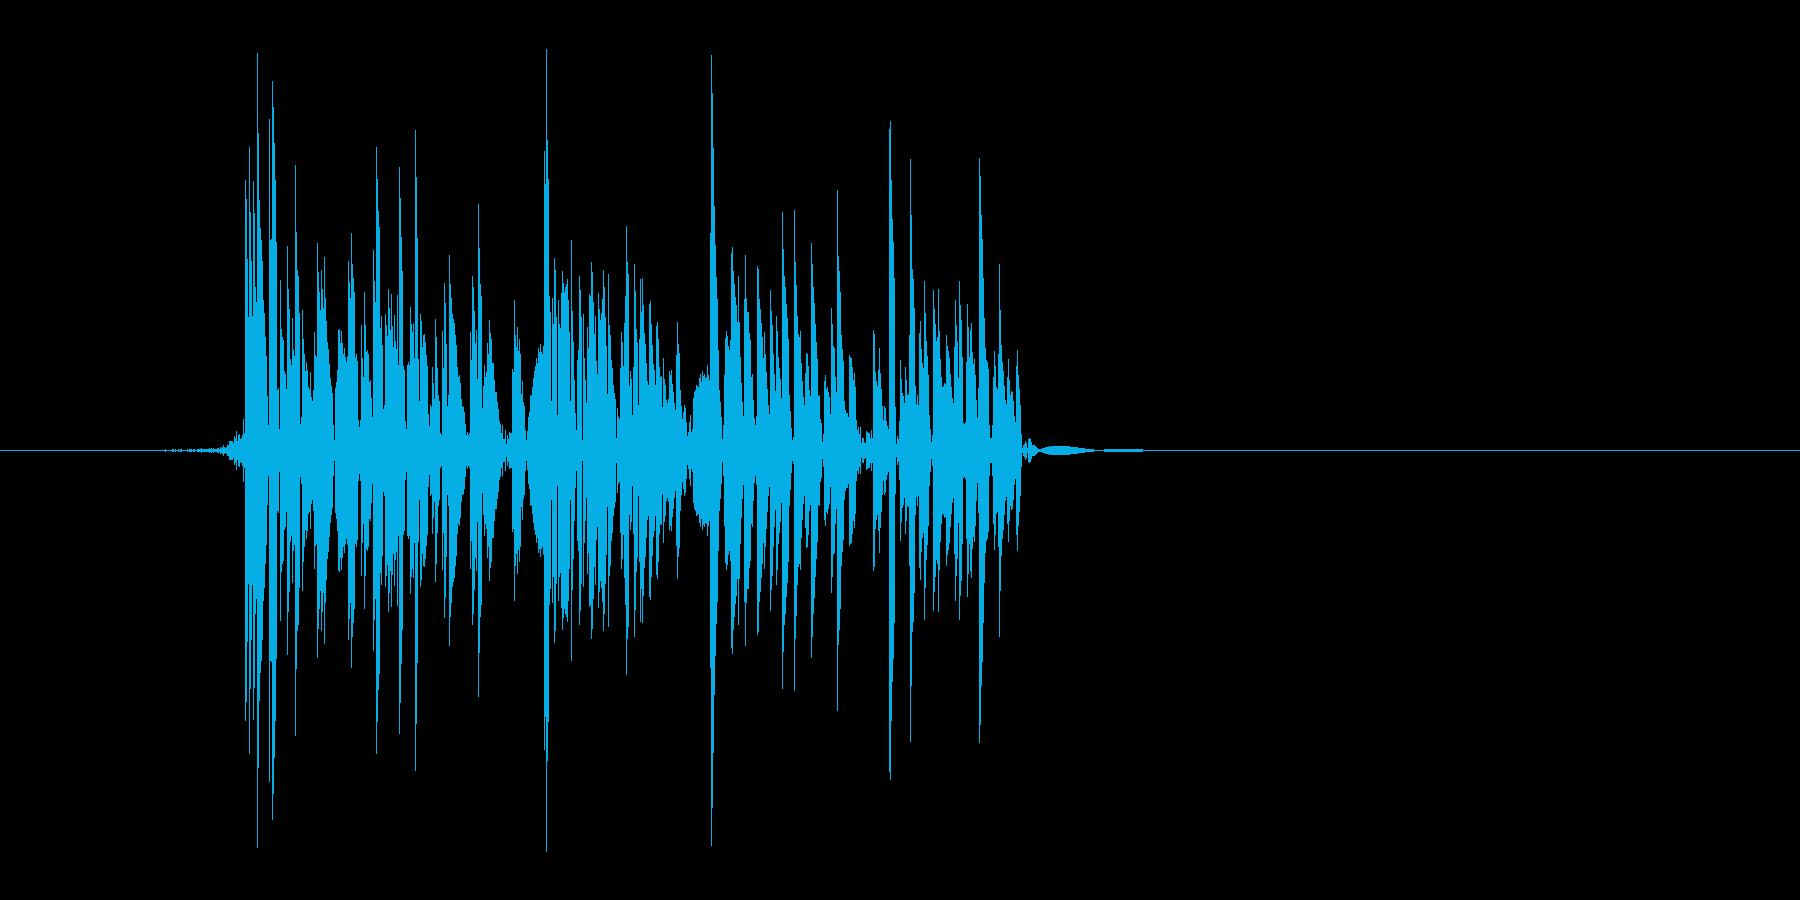 ゲーム(ファミコン風)爆発音_004の再生済みの波形